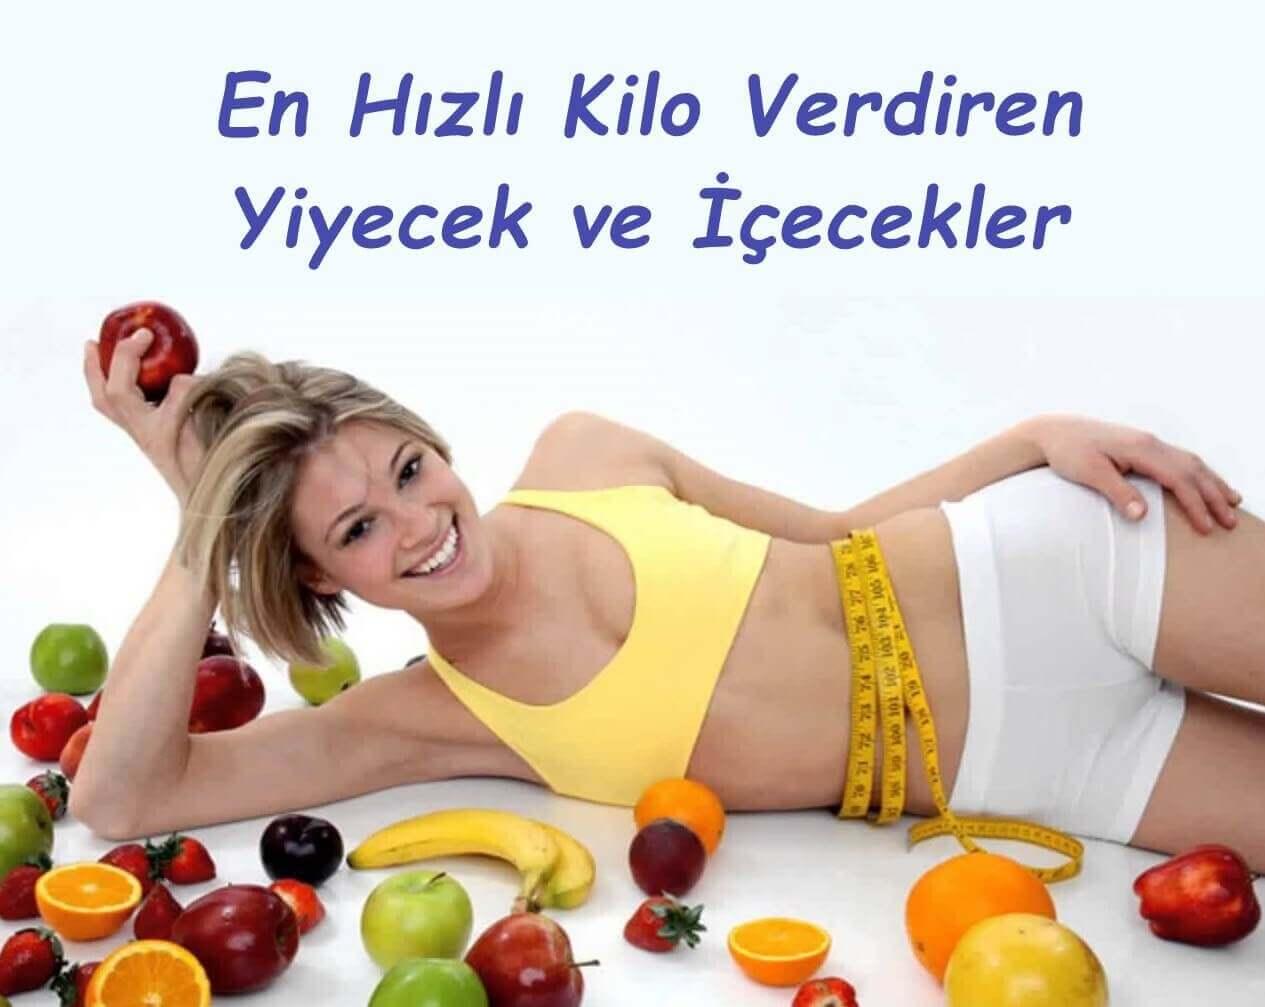 En Hızlı Kilo Verdiren Yiyecek ve İçecekler| www.zayiflamaiksiri.com